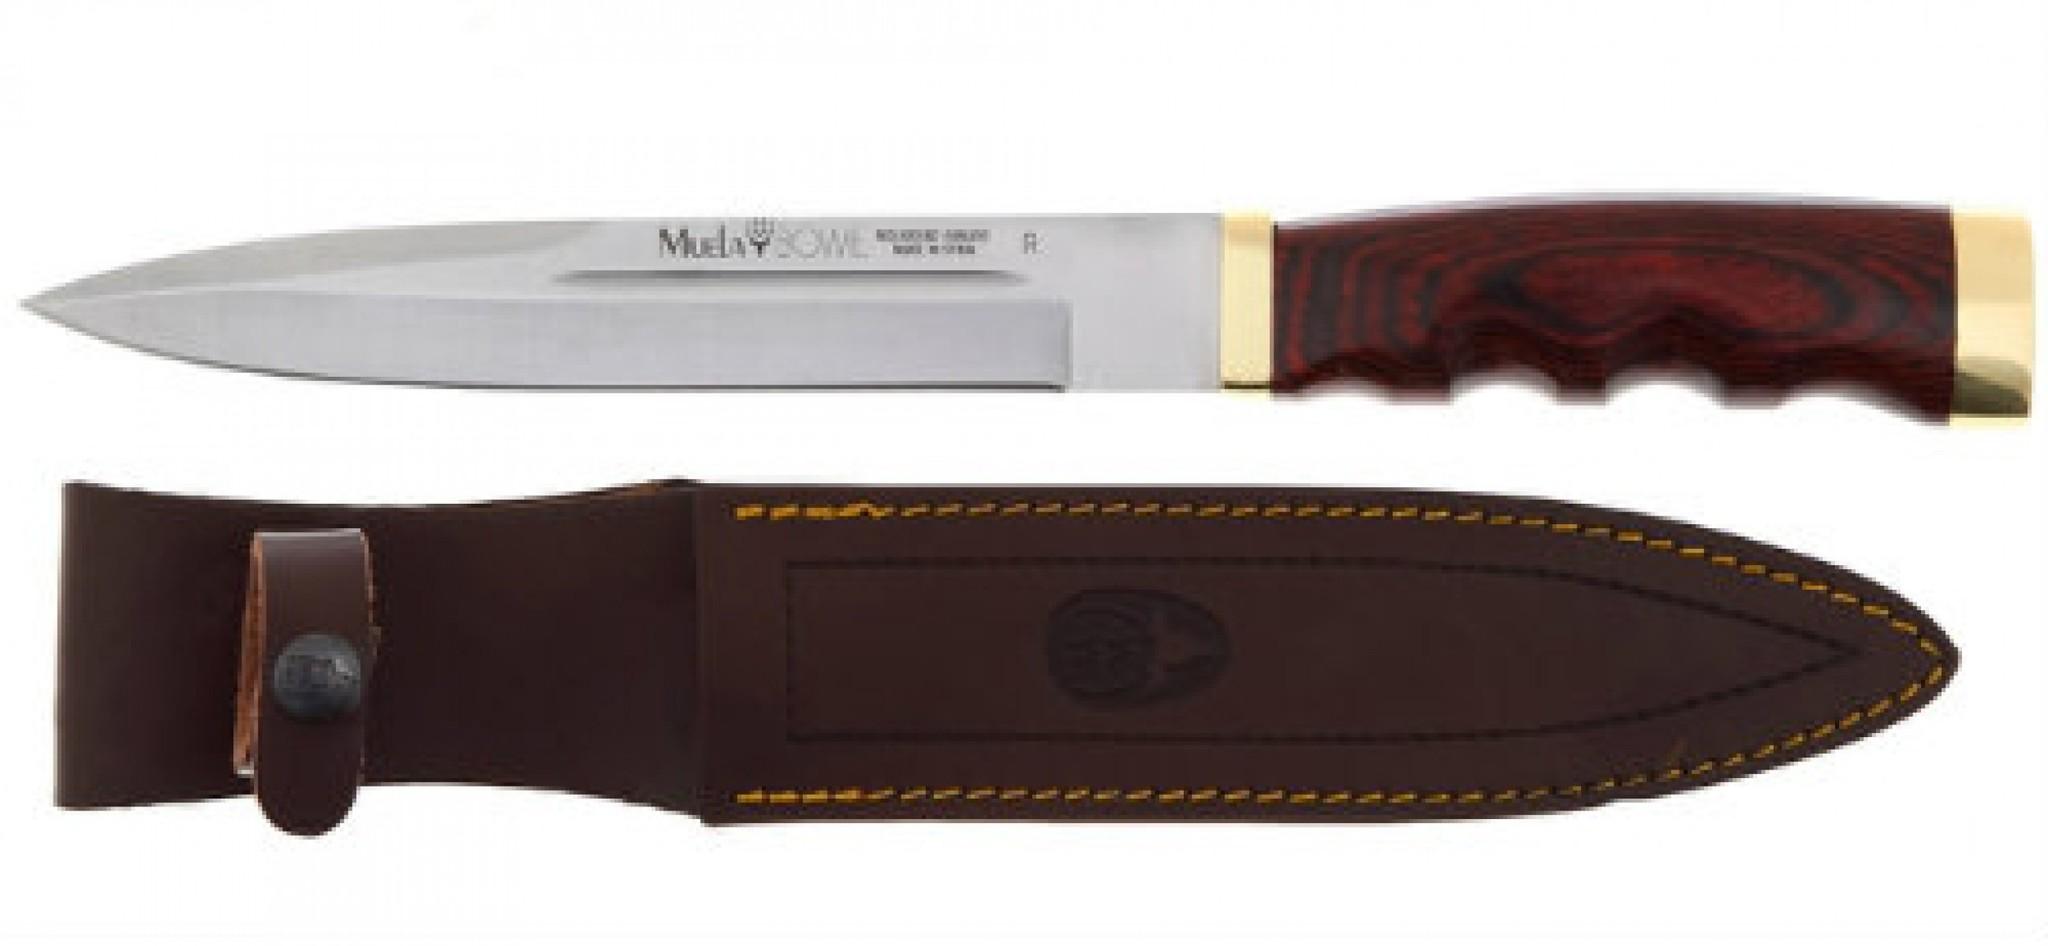 Нож с фиксированным клинком Bowie, Pakka Wood Handles 18.0 см. U/BW-18R от Muela